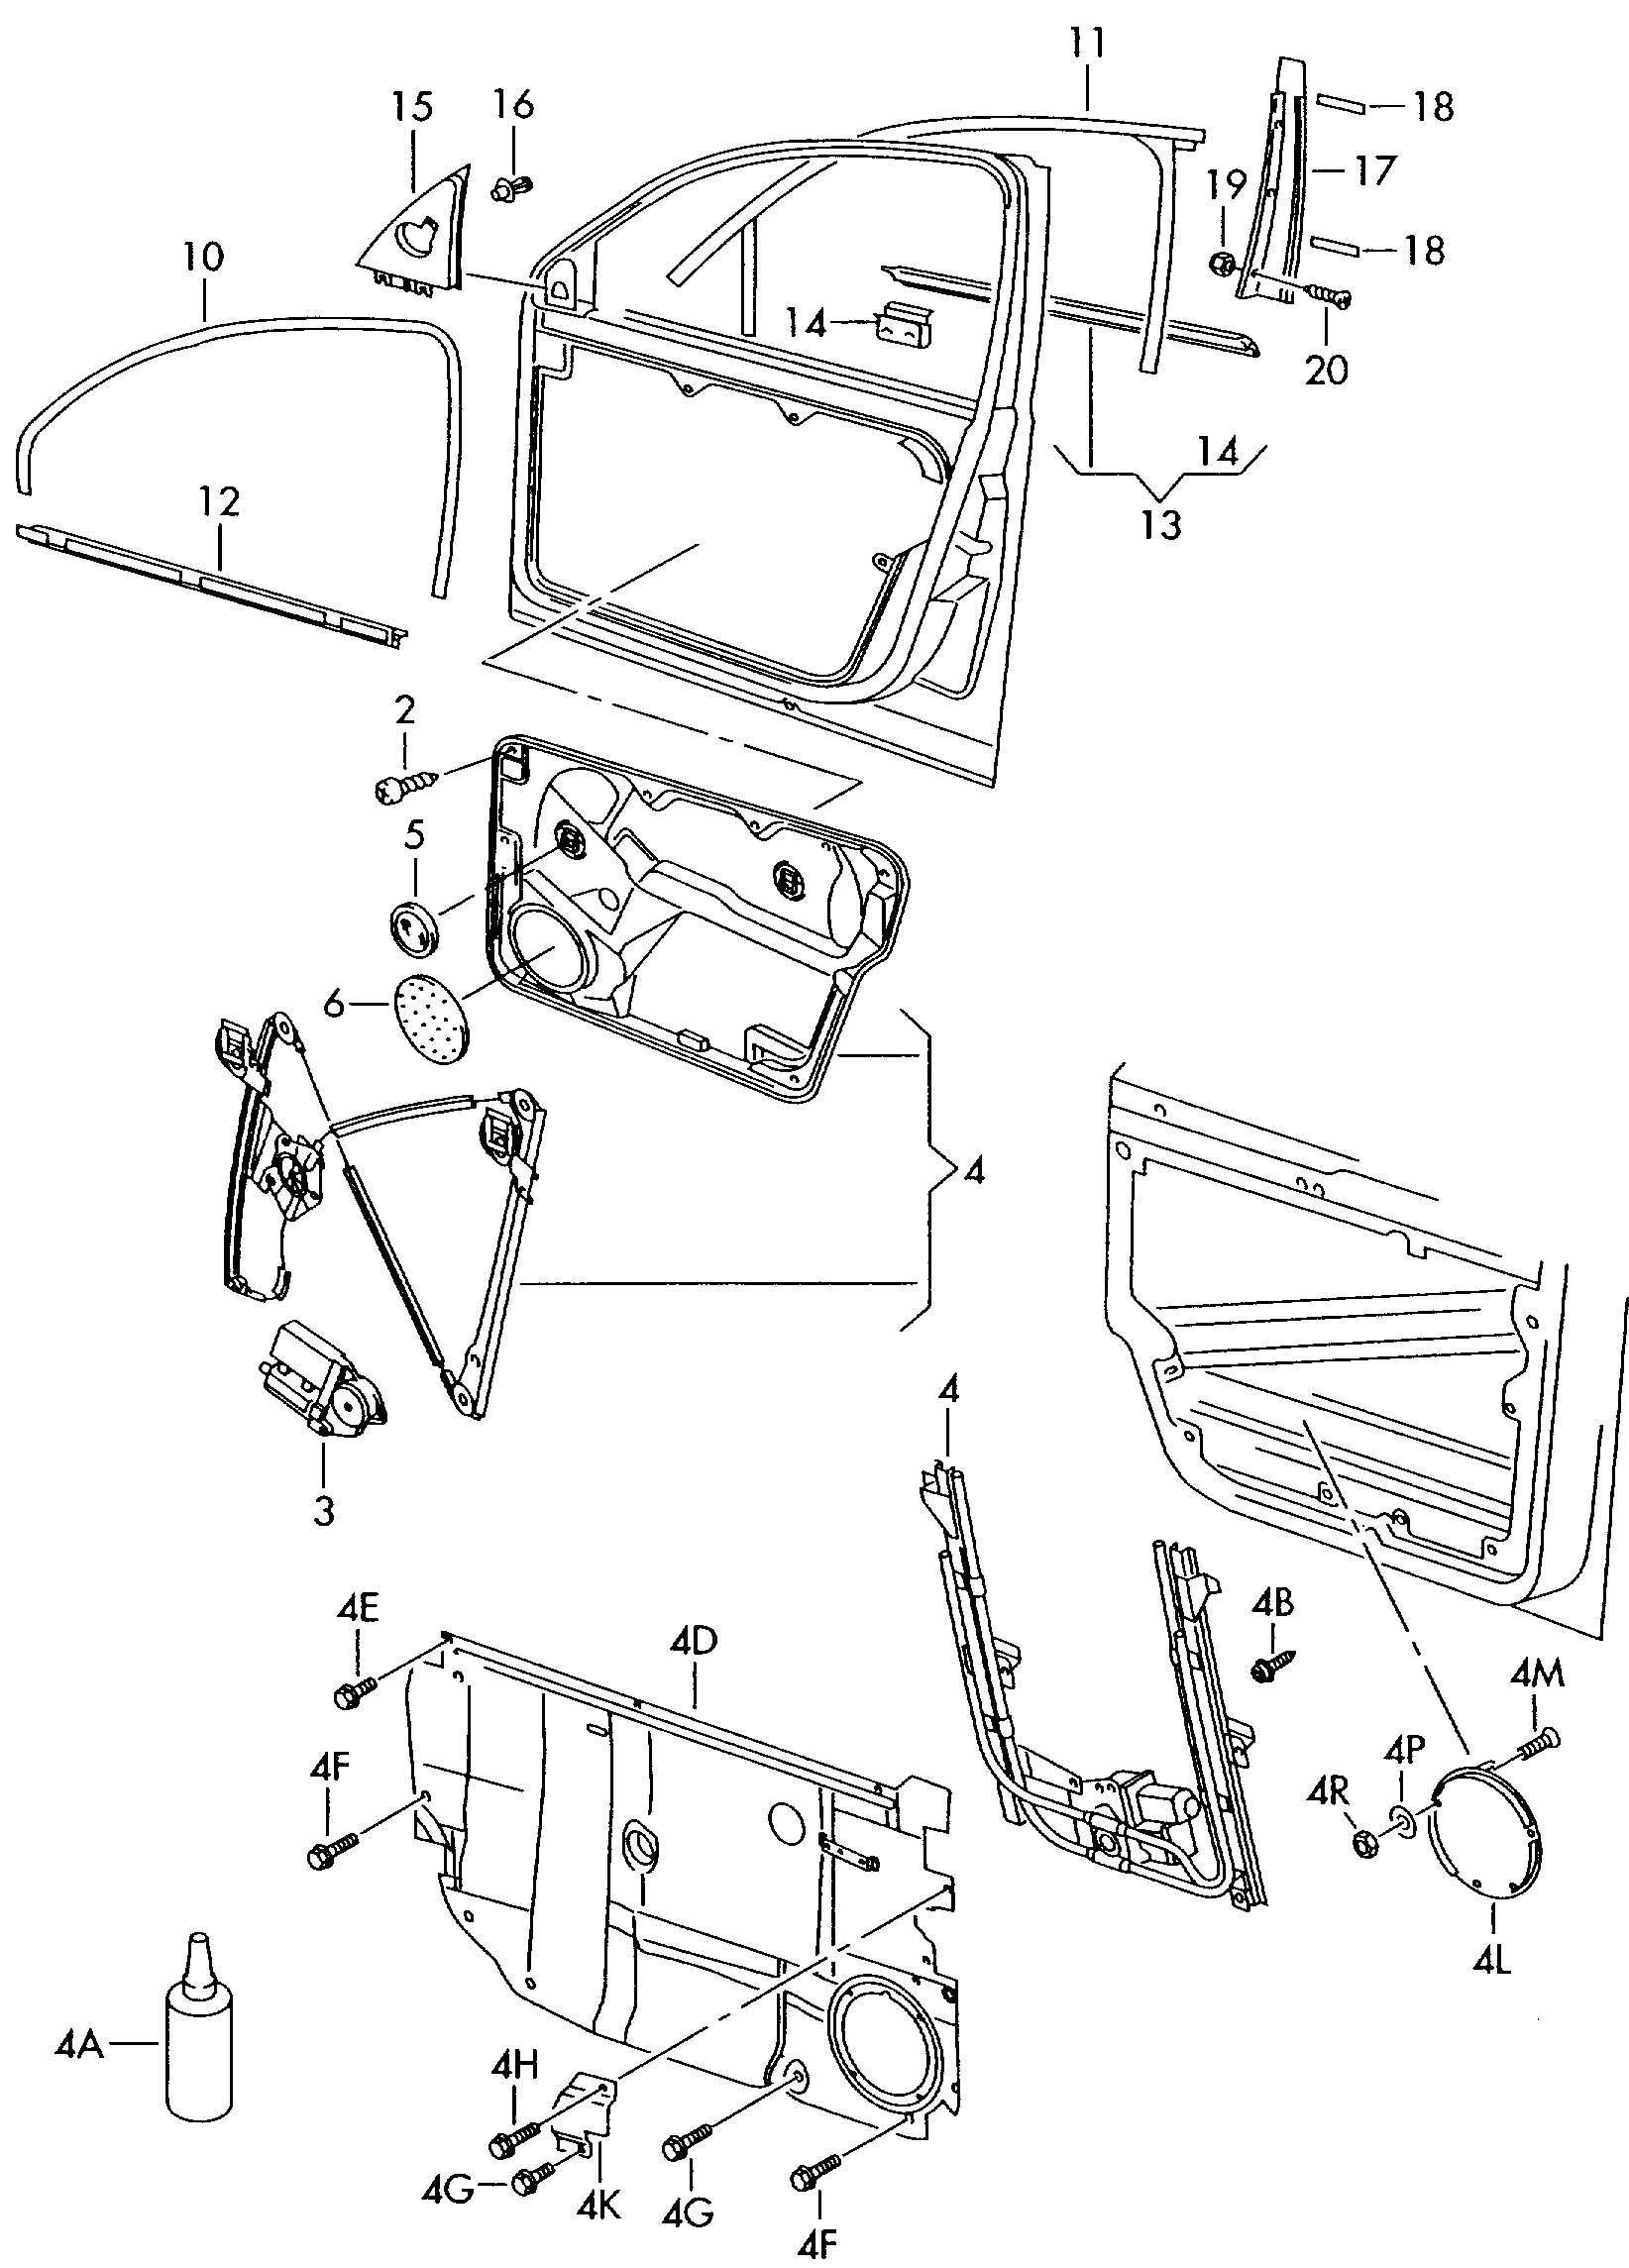 Glass channel window regulator window slot seal trim for for 2001 volkswagen passat window regulator